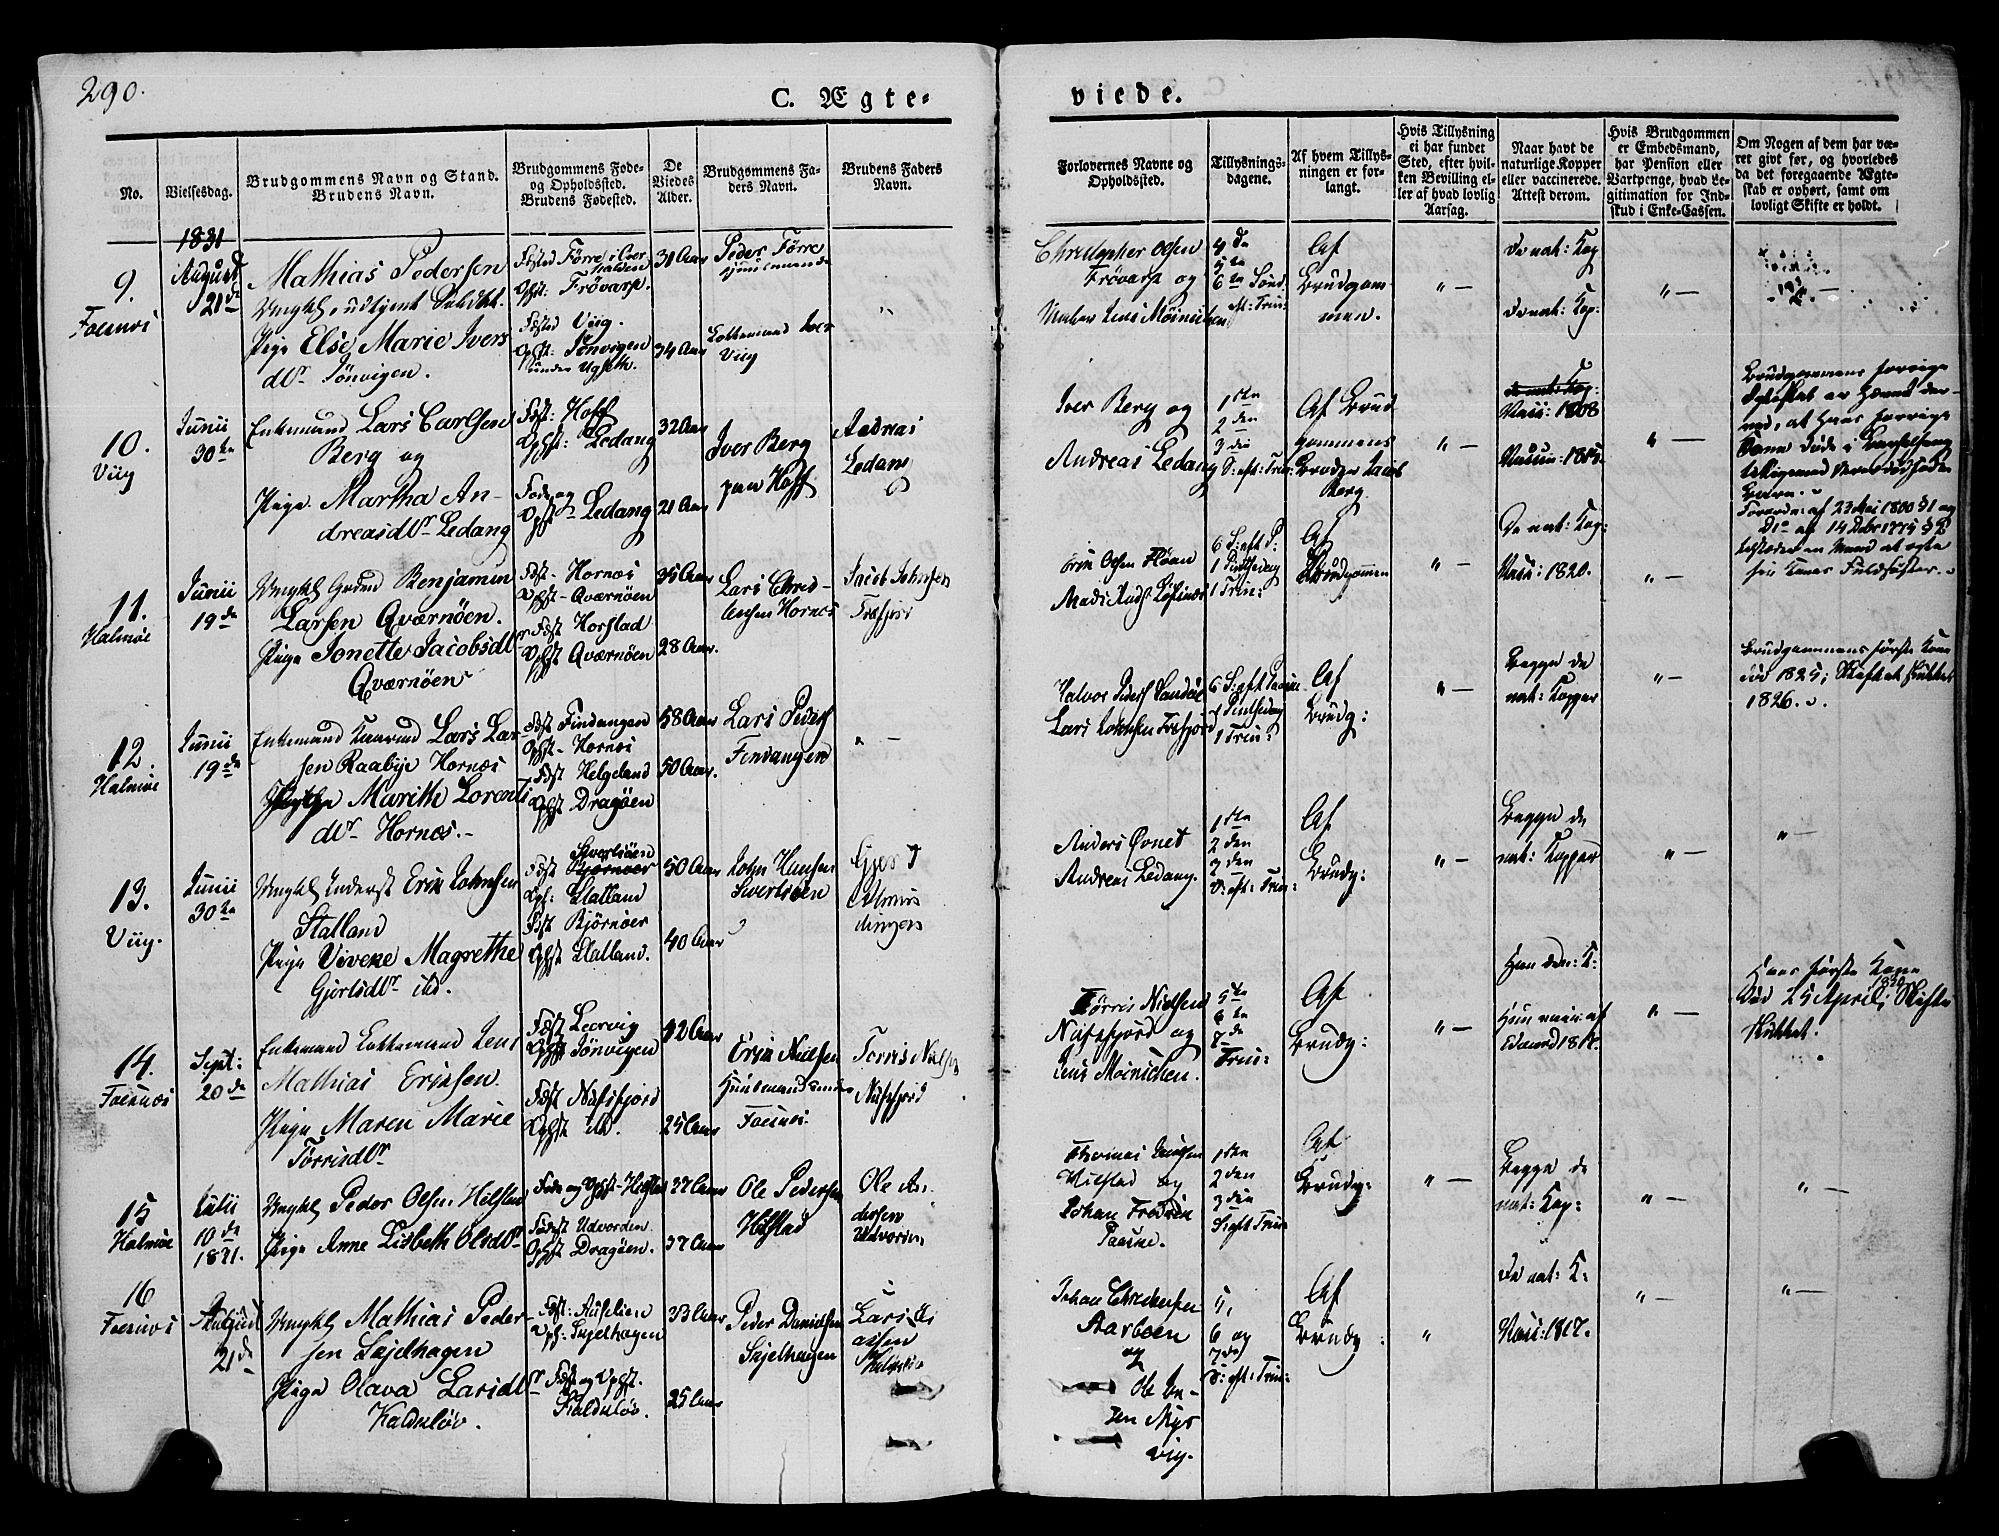 SAT, Ministerialprotokoller, klokkerbøker og fødselsregistre - Nord-Trøndelag, 773/L0614: Ministerialbok nr. 773A05, 1831-1856, s. 290